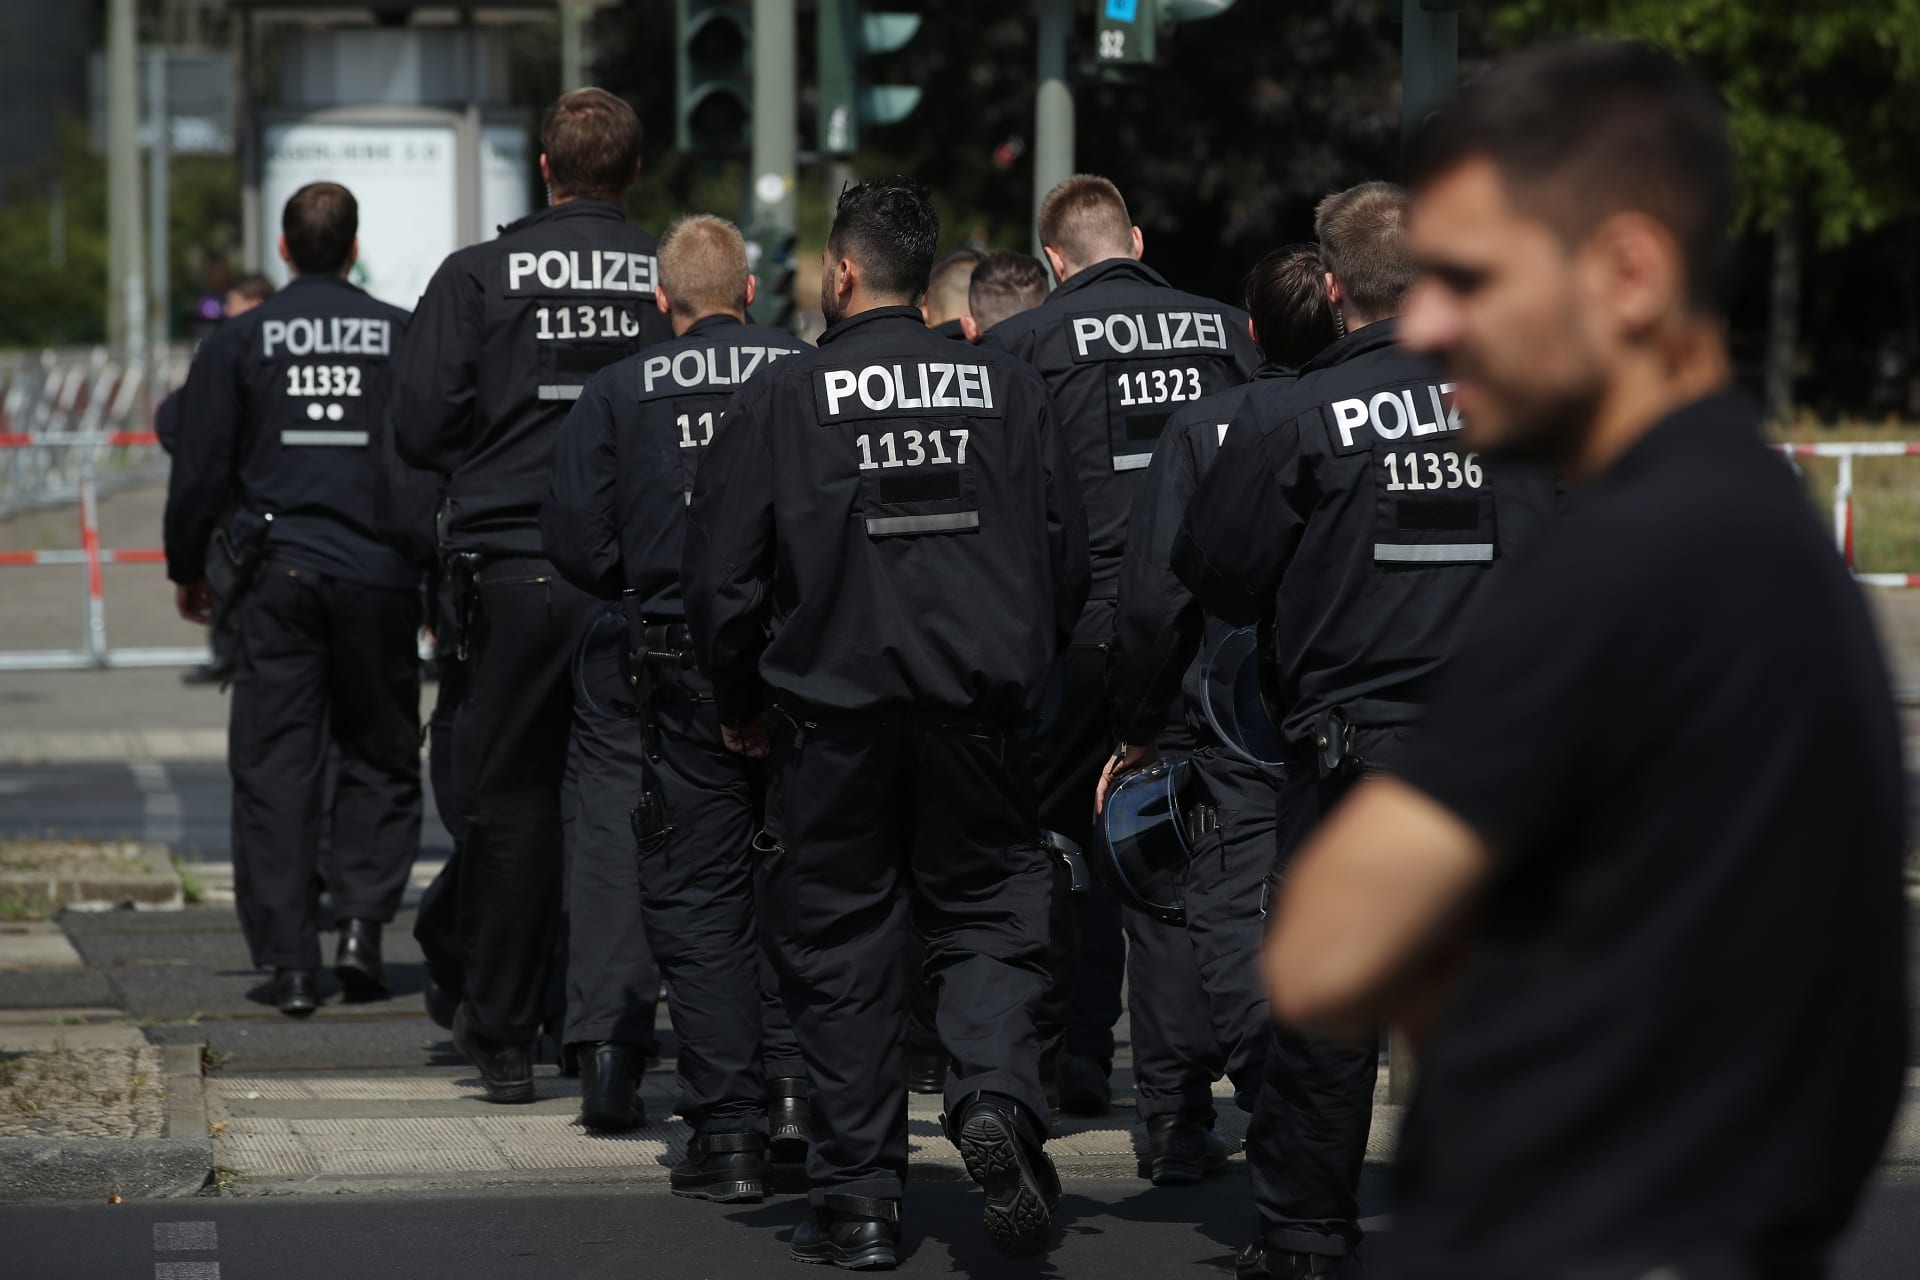 الادعاء الألماني: اعتقلنا مسلما روسيا خطط لعملية تفجير